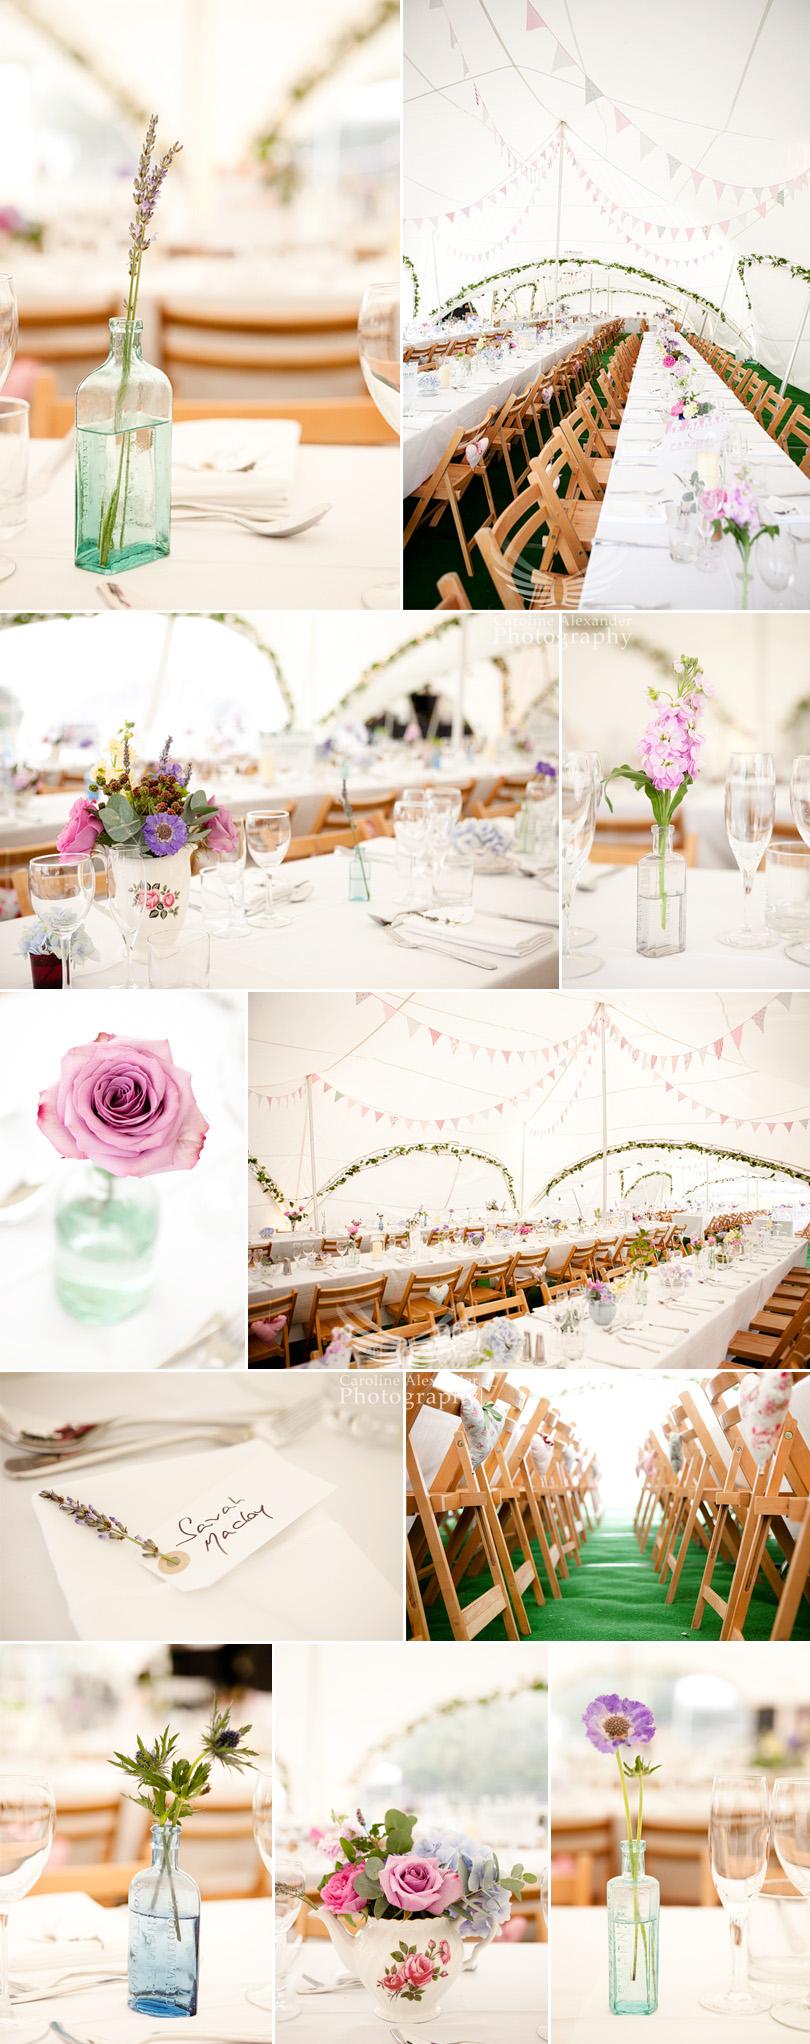 001 village fete wedding